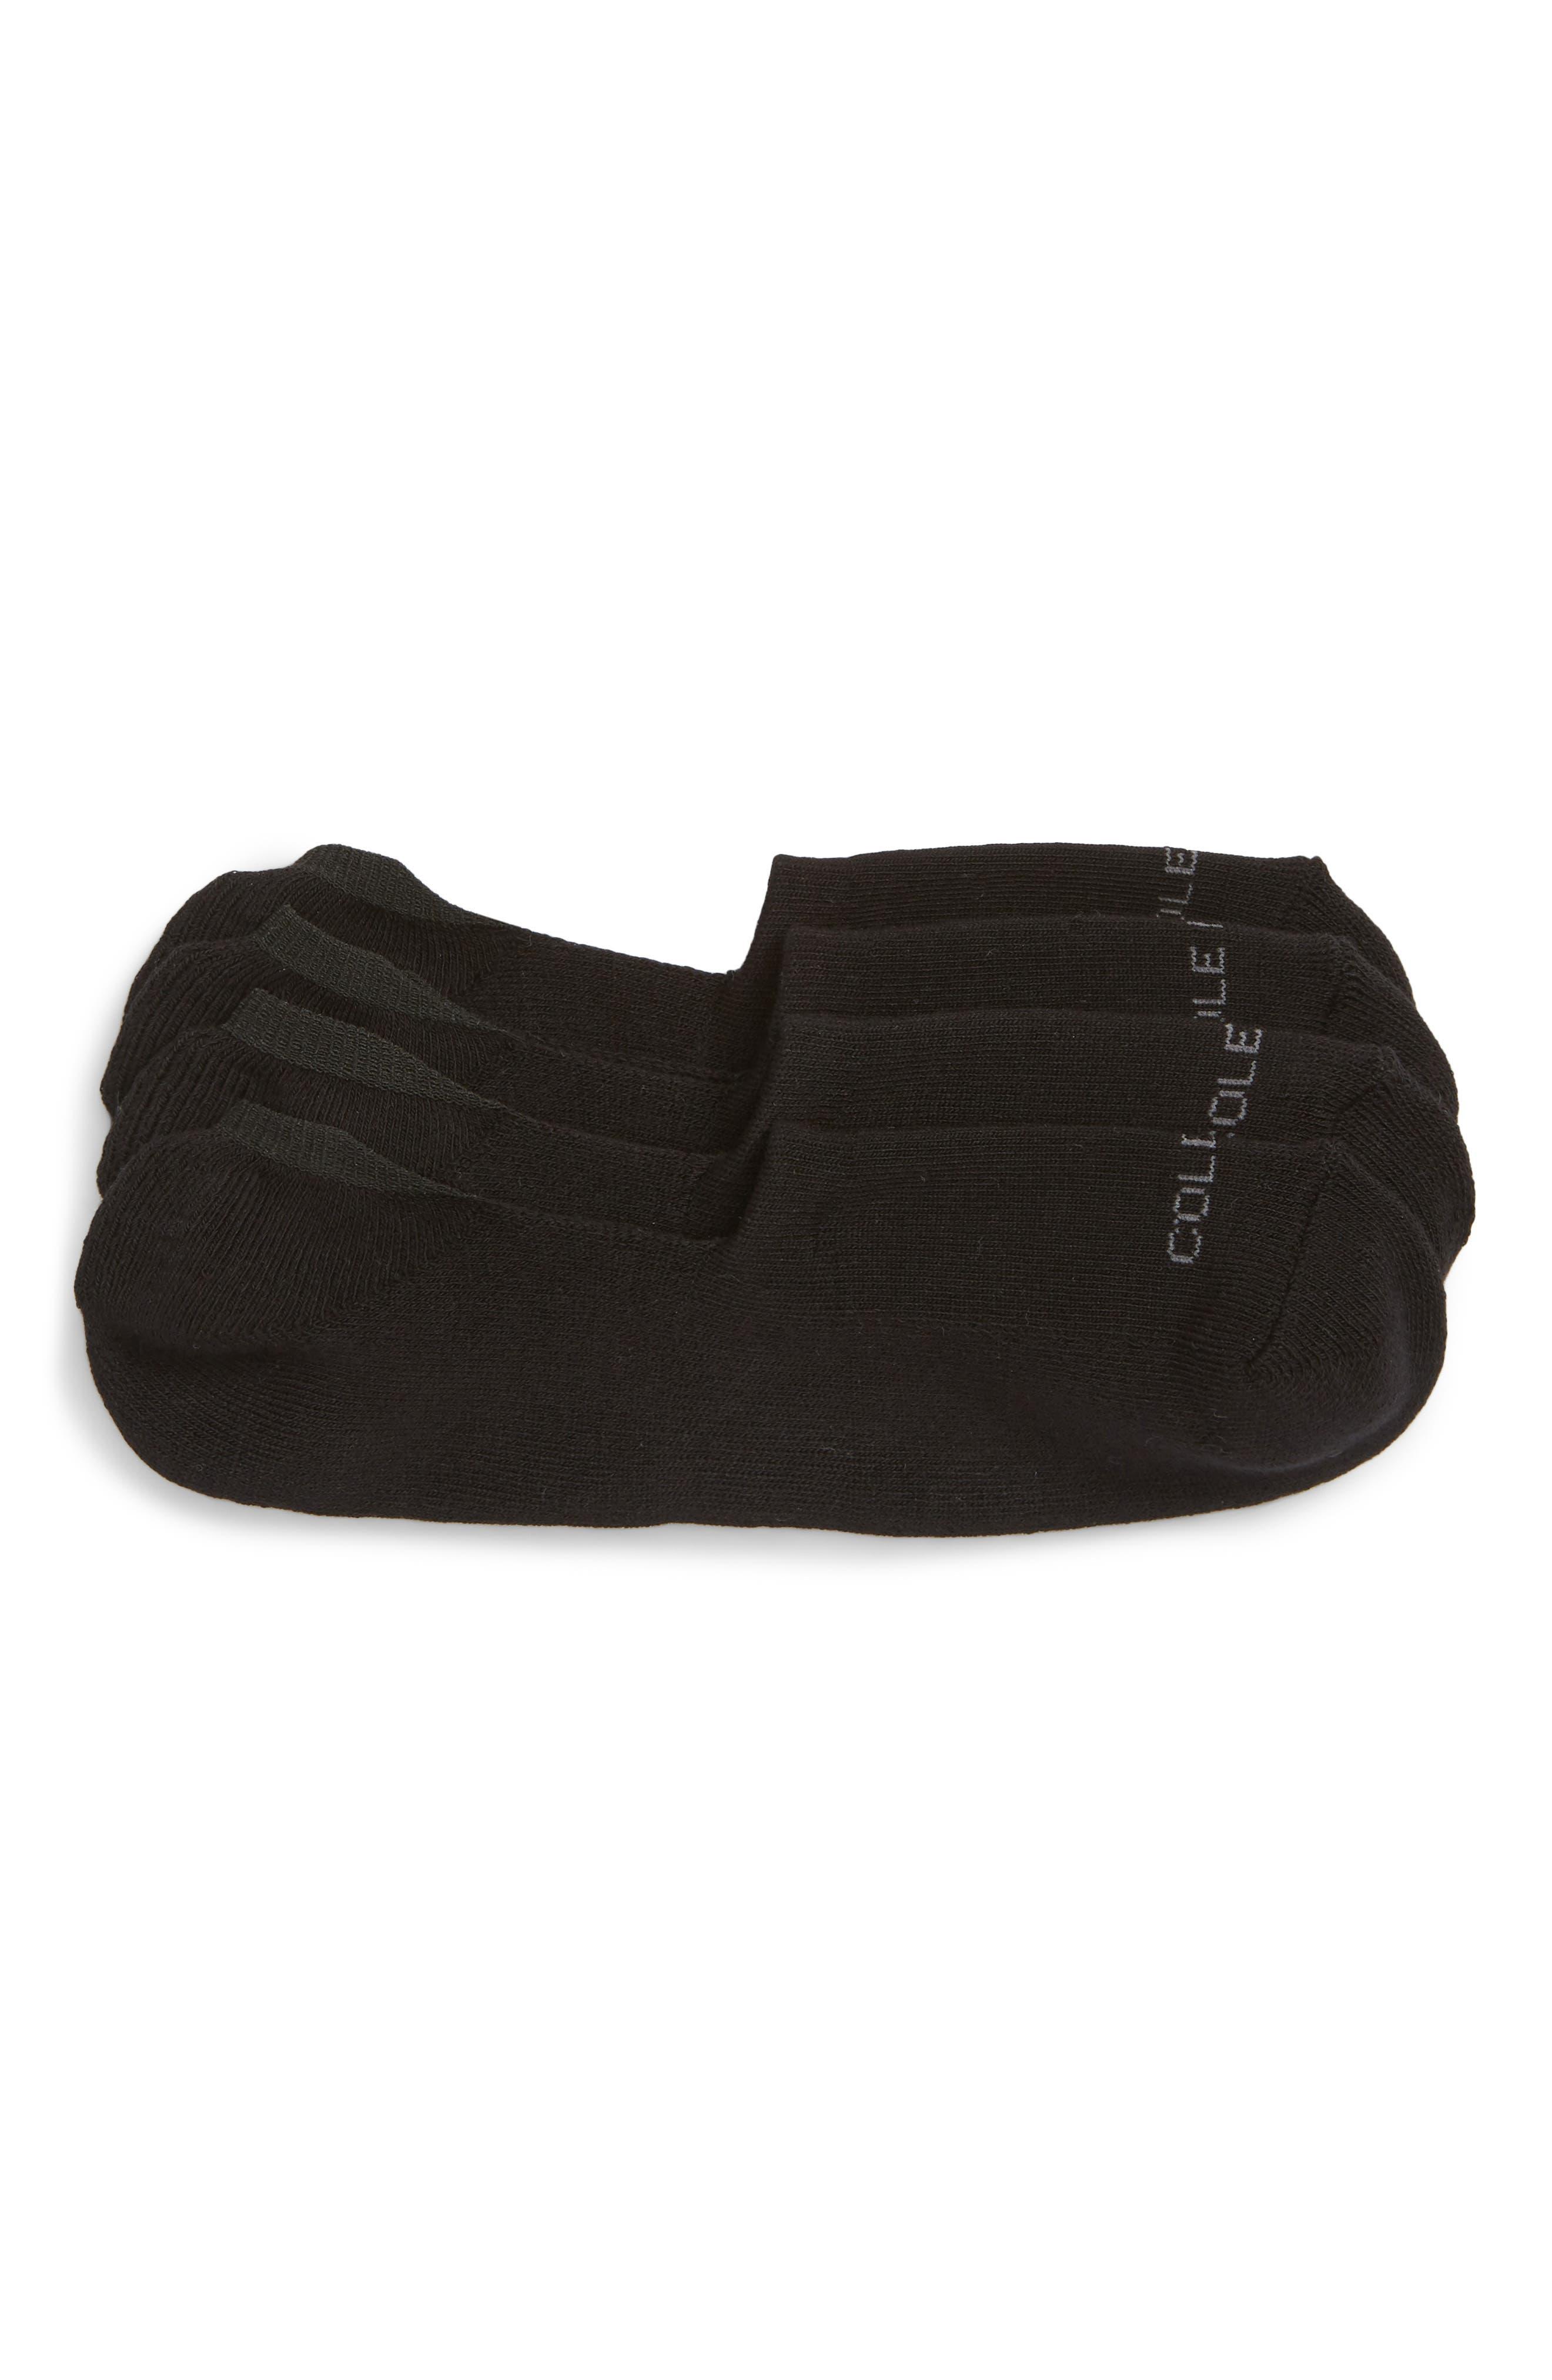 2-Pack Casual Cushion No-Show Socks,                             Main thumbnail 1, color,                             BLACK